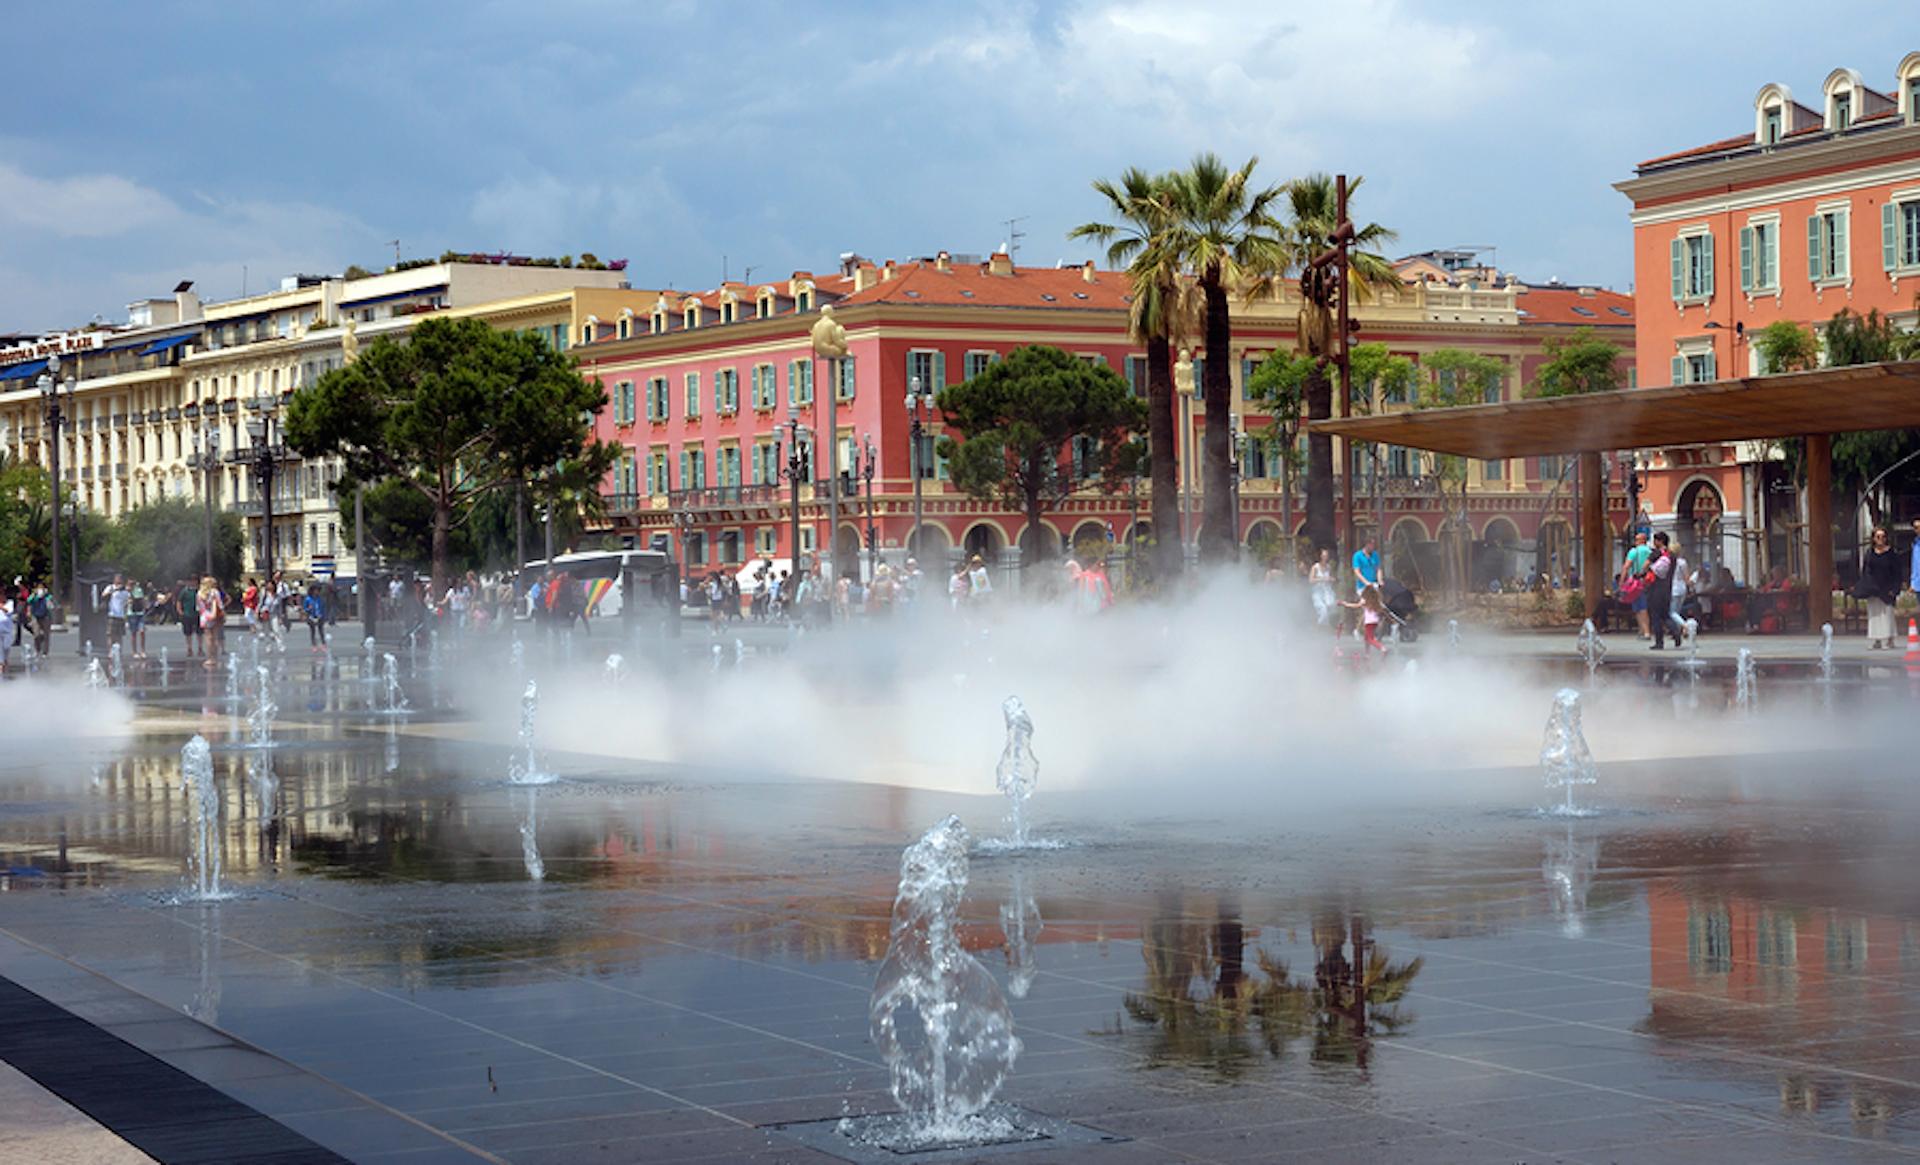 La coulée verte de Nice et ses jardins publics